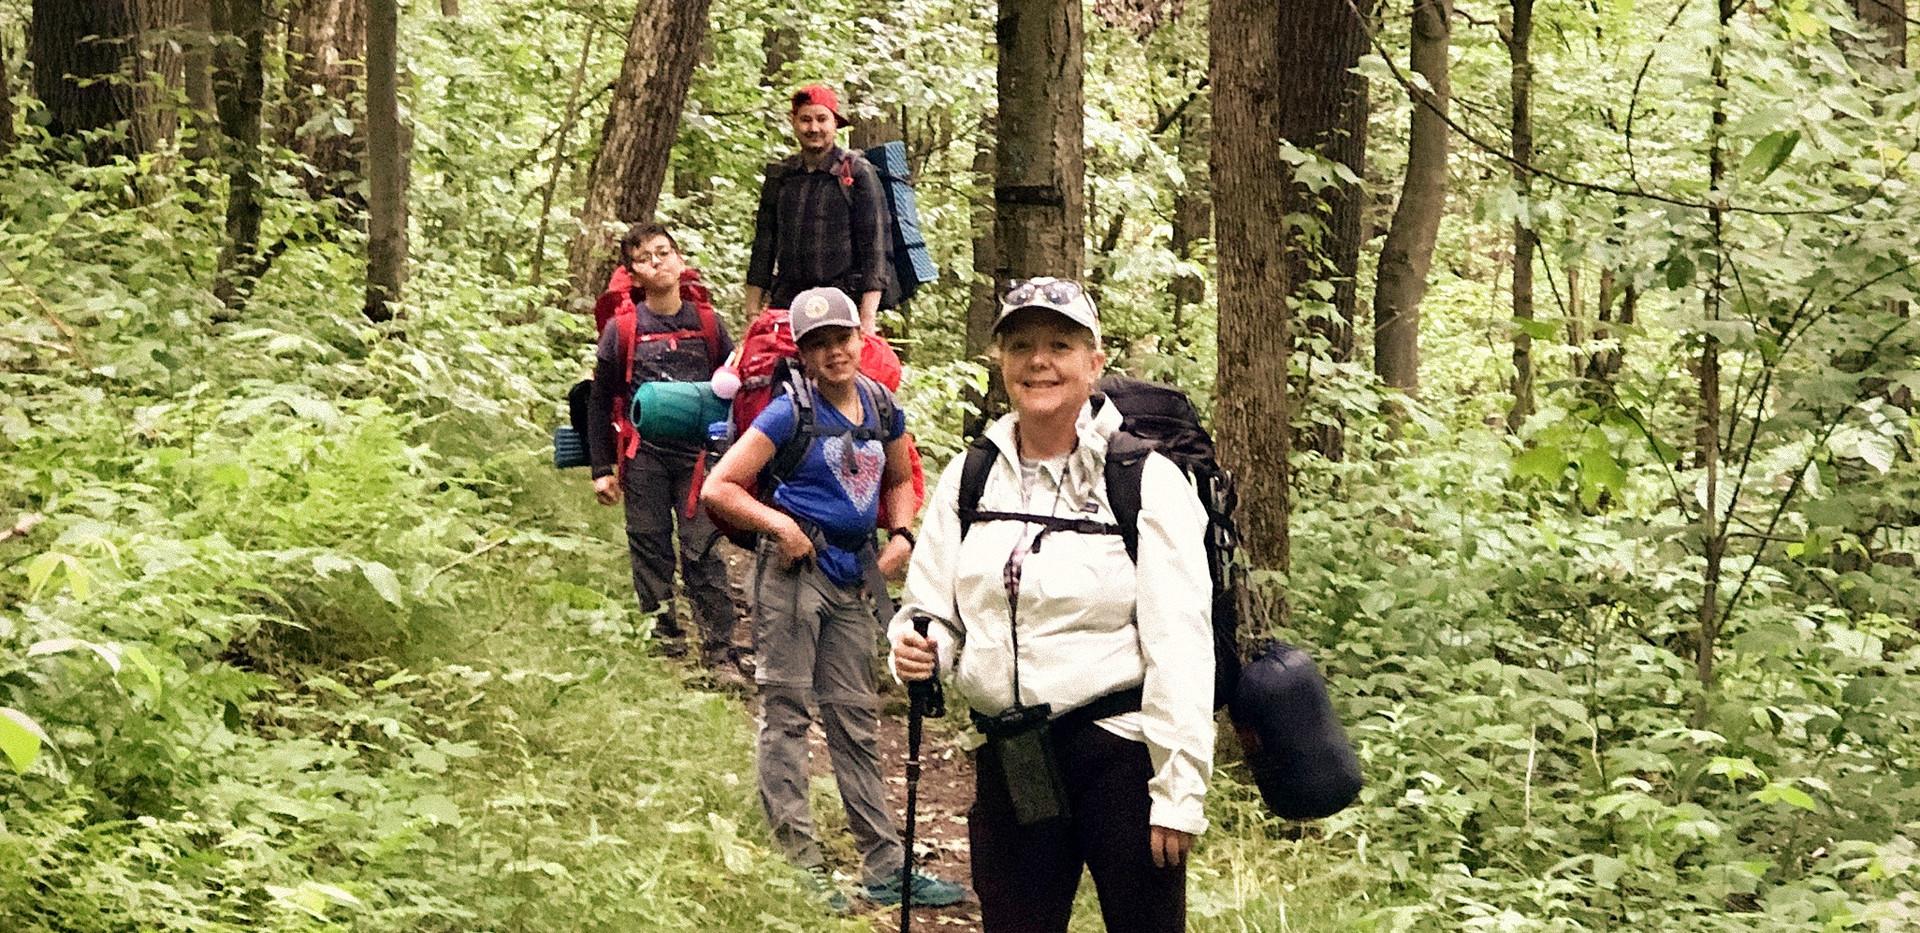 family backpacking adventure.jpg